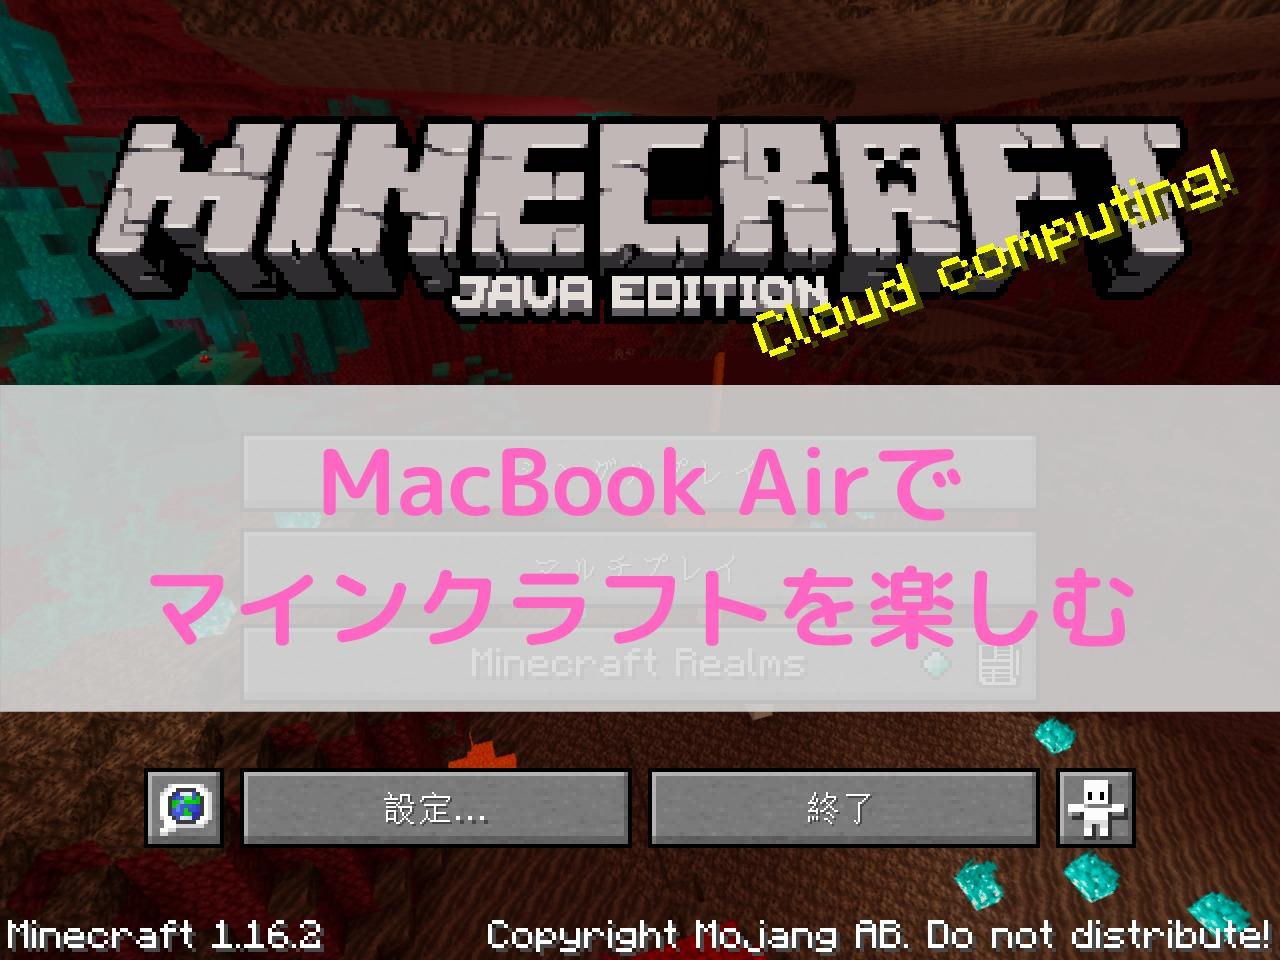 MacBook Airでマインクラフトを楽しむ